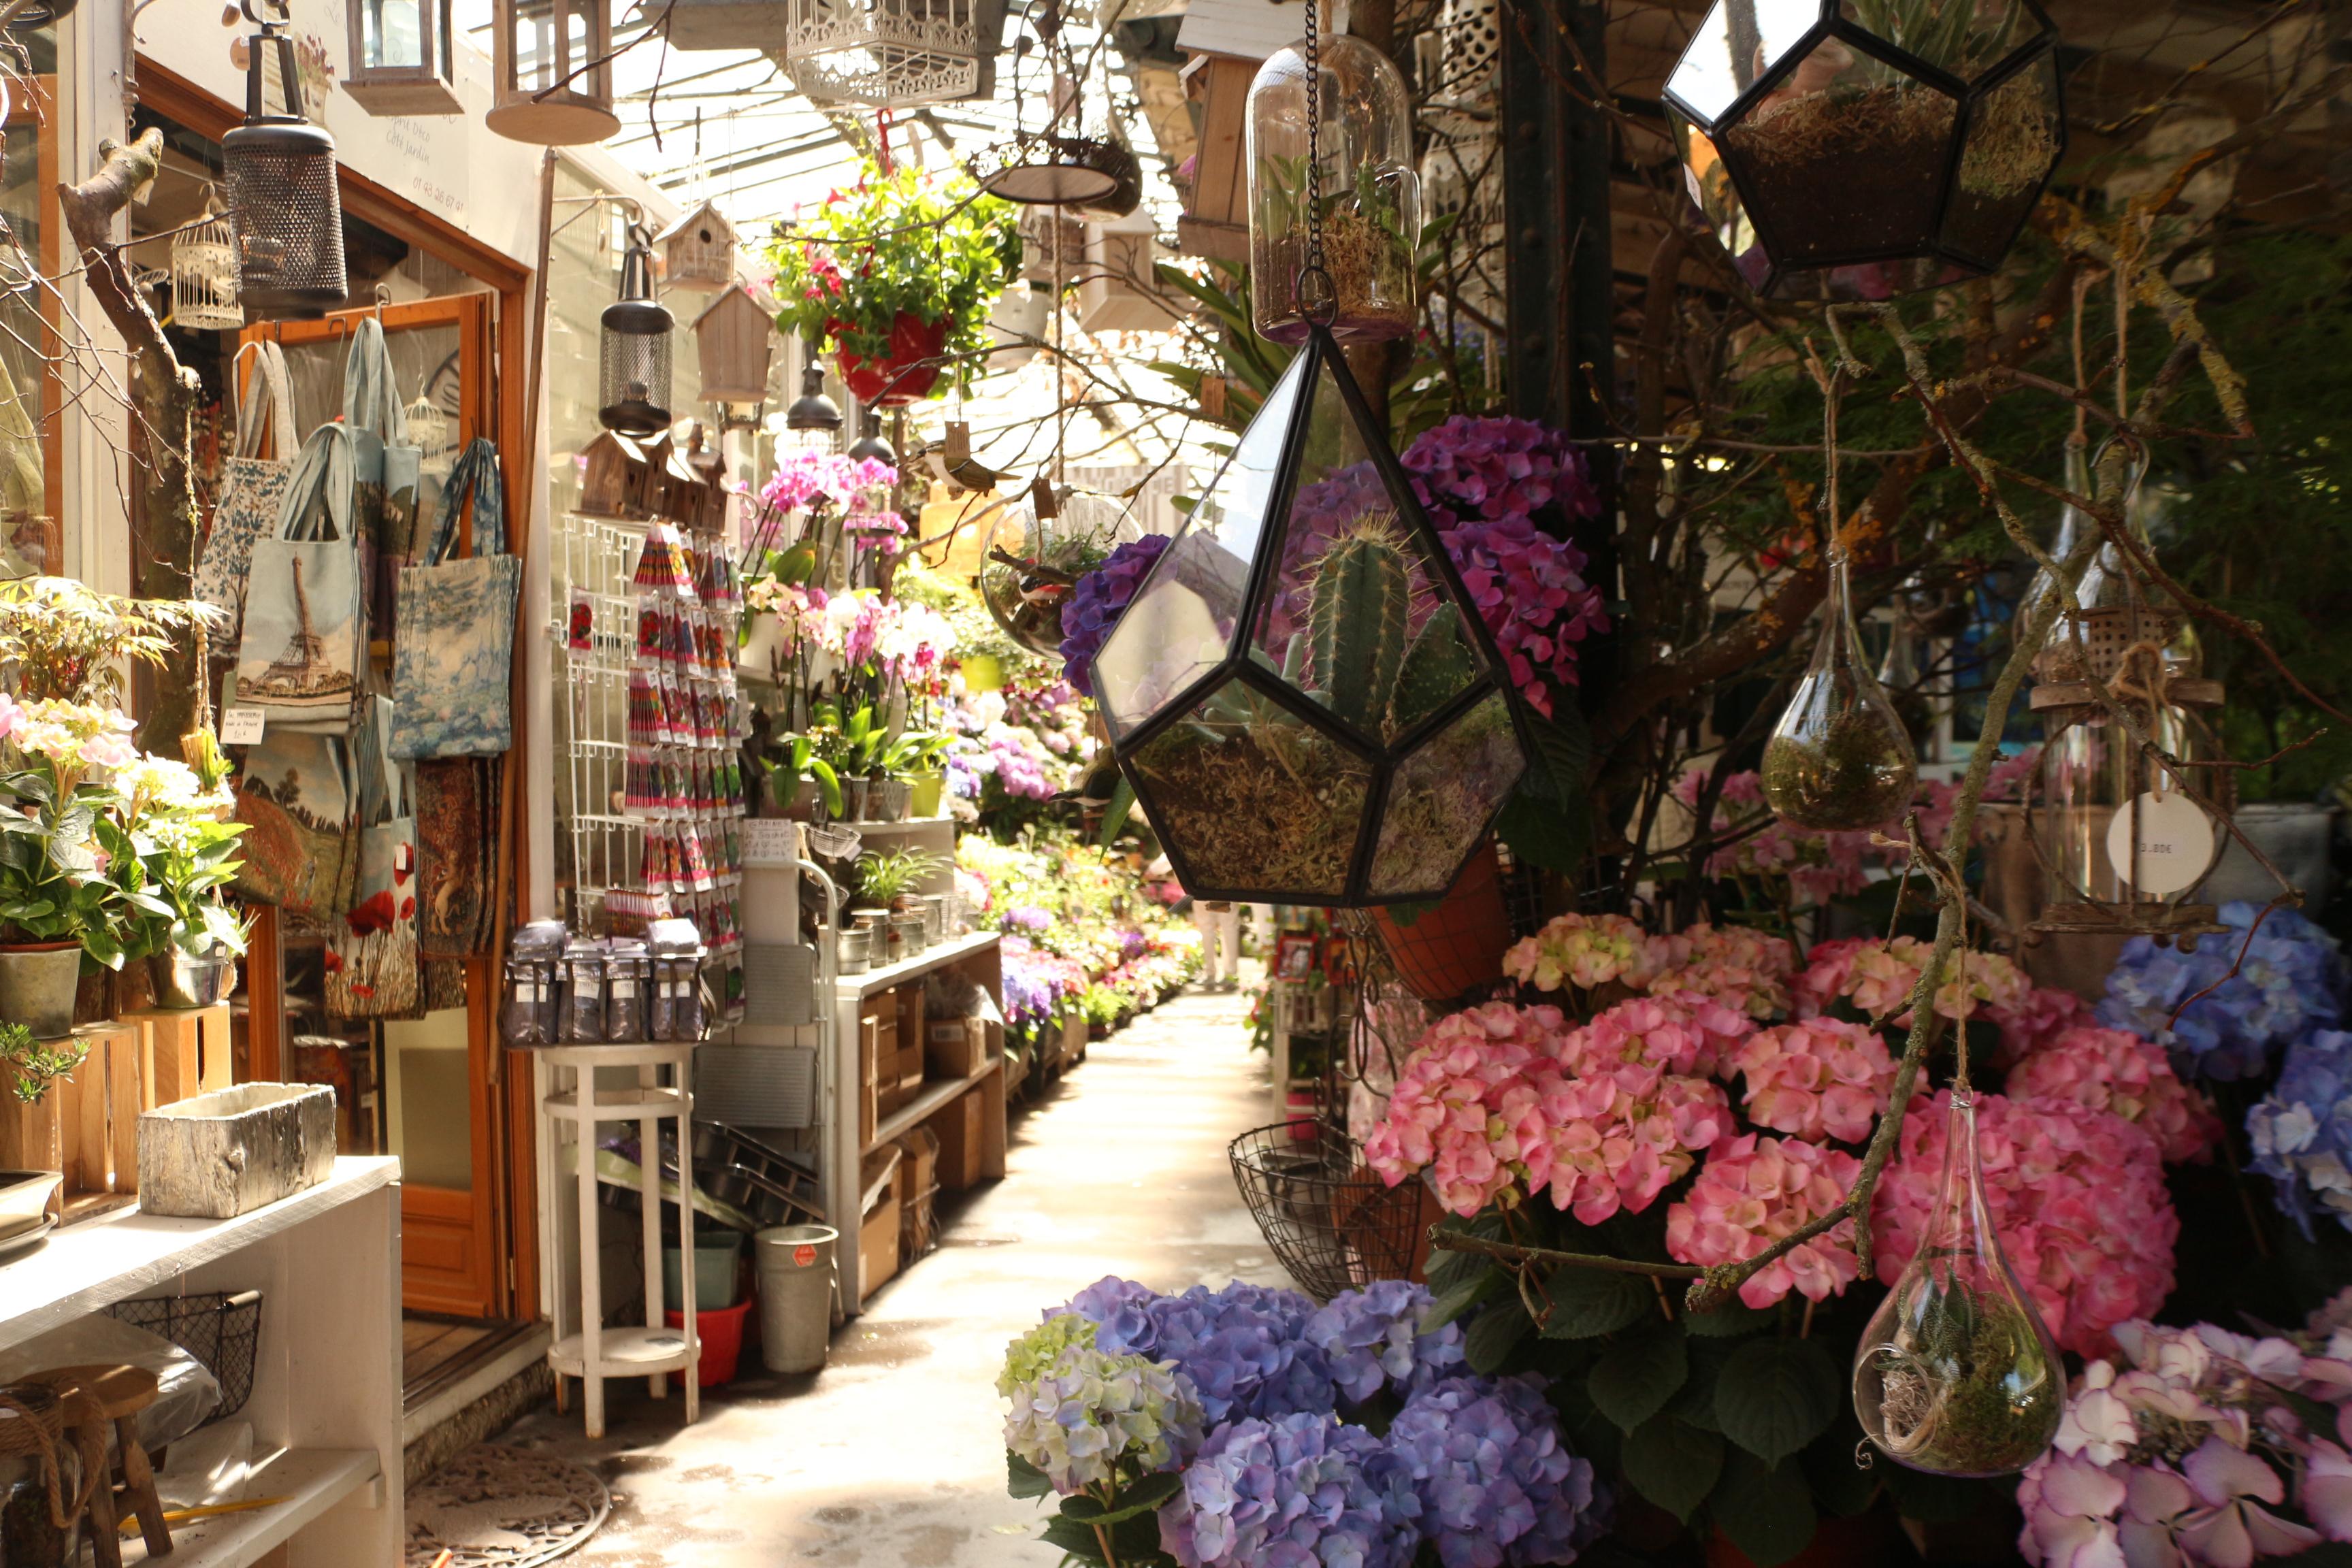 Marché aux Fleurs Alley